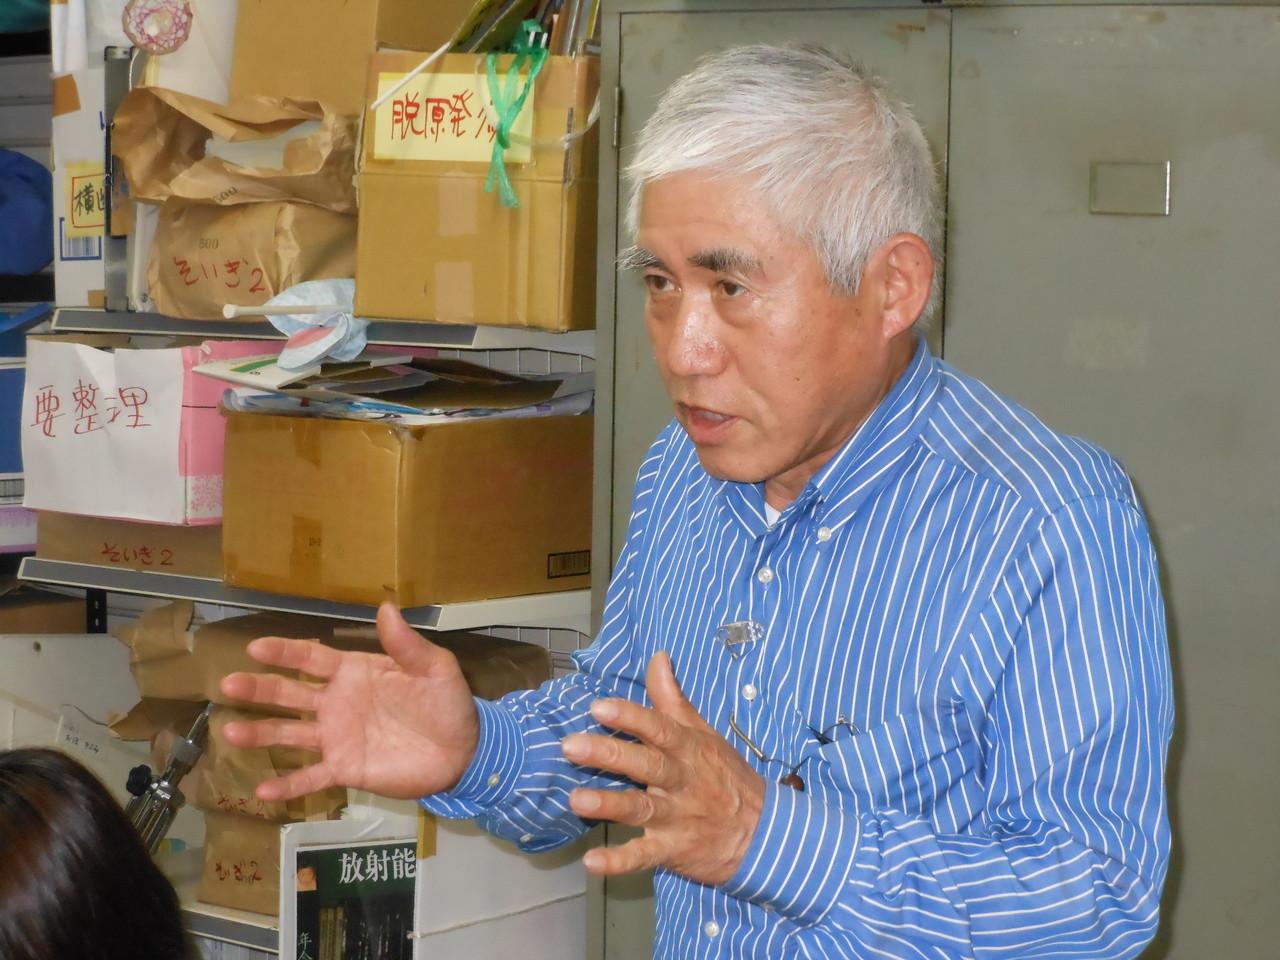 2012.6.17 活動報告会にて、澤山保太郎会長語る